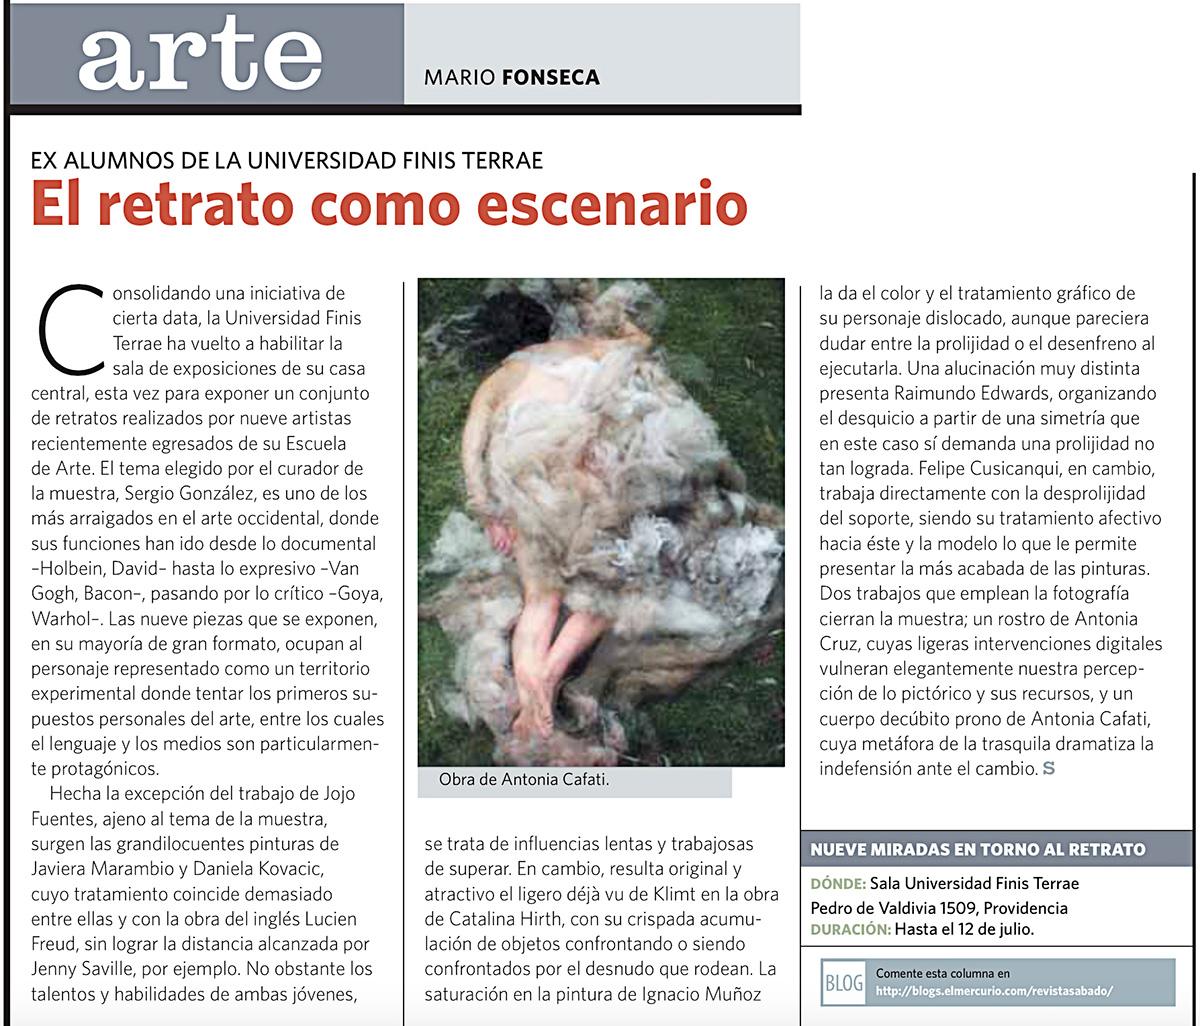 """Exposición Trans """"9 Miradas entorno al retrato"""", El Mercurio, Revista Sabado"""